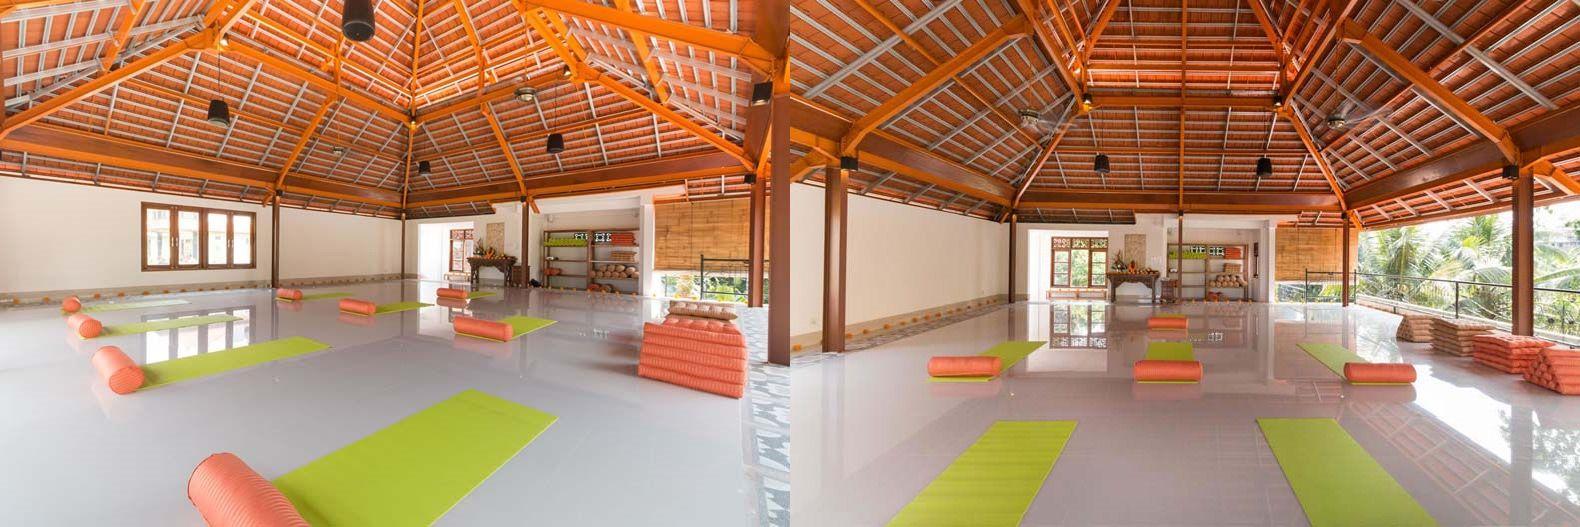 yoga teacher training hall2